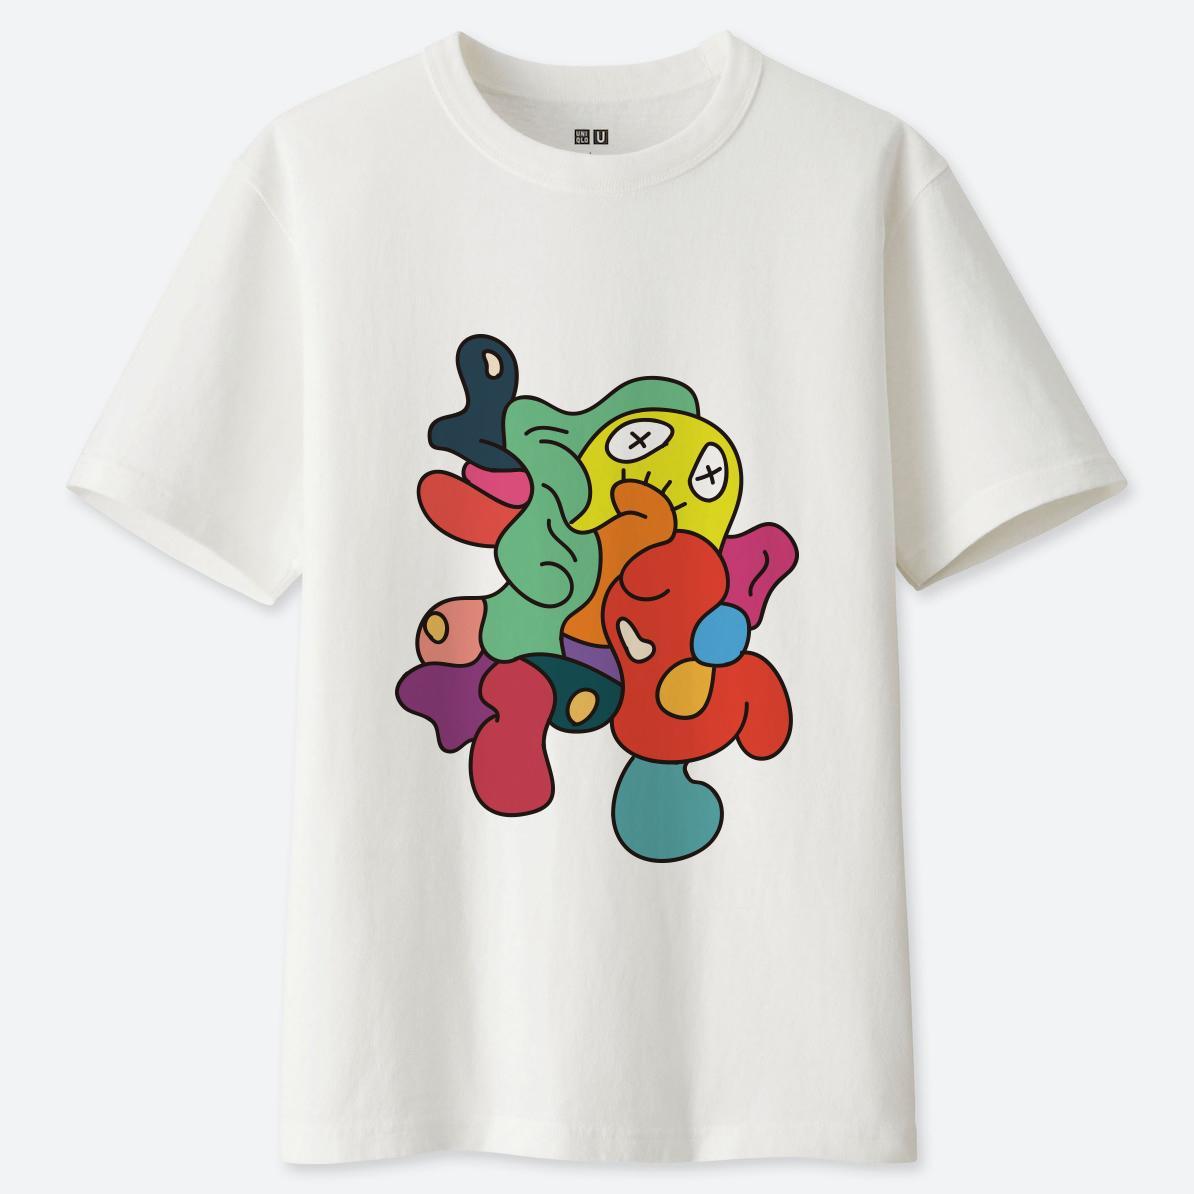 理想を現実に☆女性デザイナーがお力になります Tシャツをデザイン、又Tシャツ以外のご相談もお気軽にどうぞ イメージ1